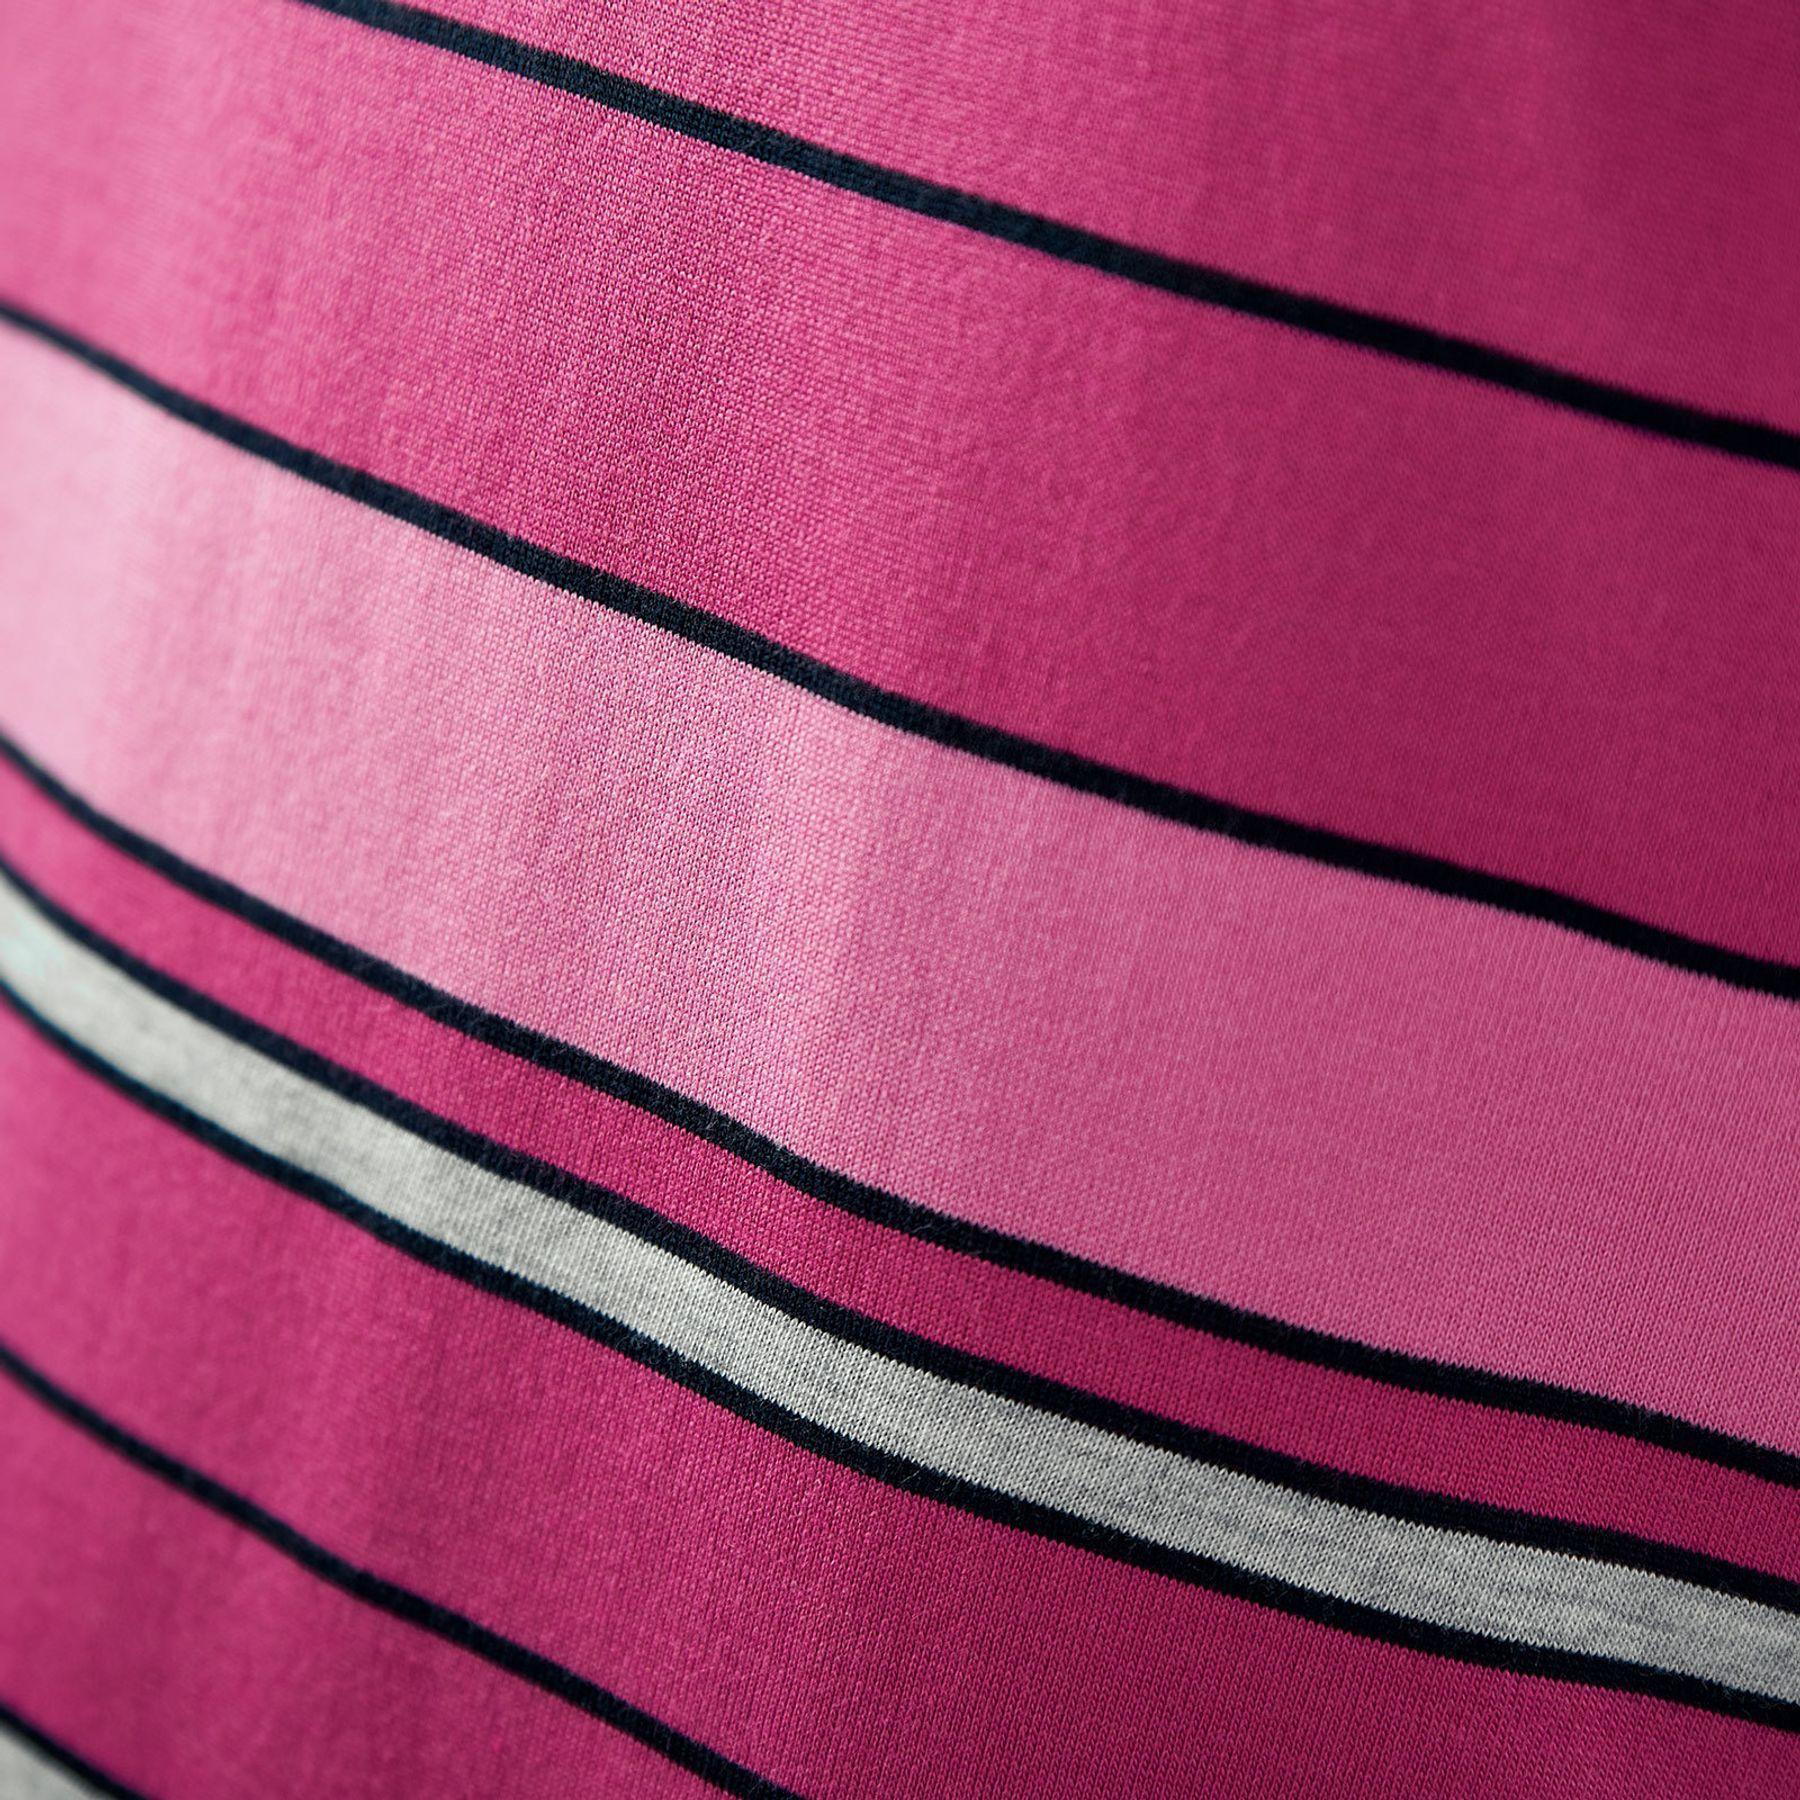 Joy - Damen Sport und Freizeit Shirt im Streifenmuster, Witta (30191) – Bild 6